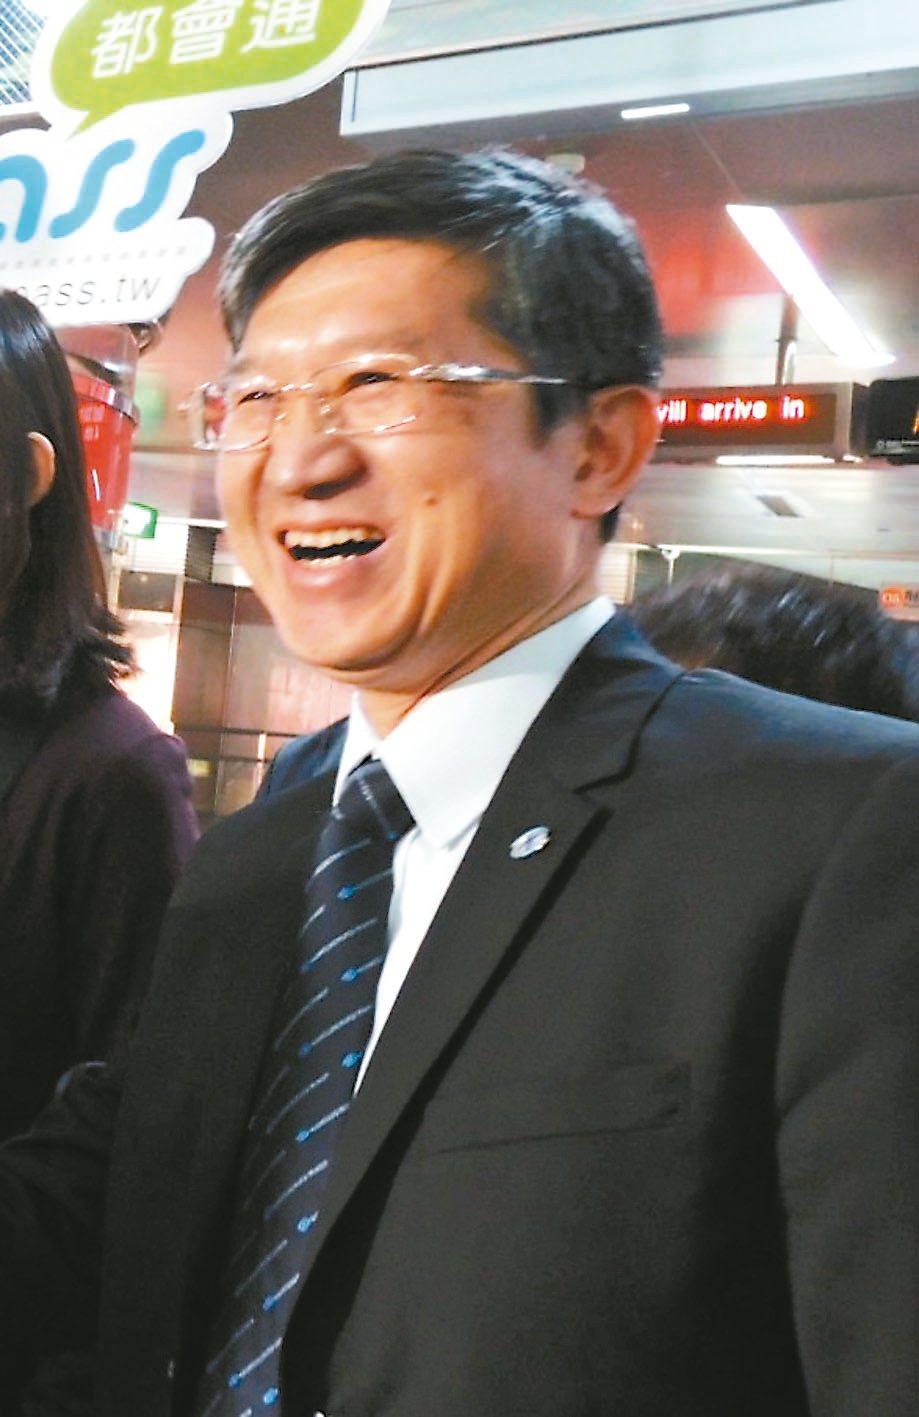 高雄捷運公司副總經理賀新心肌梗塞驟逝,同事不捨。 記者蔡孟妤/翻攝